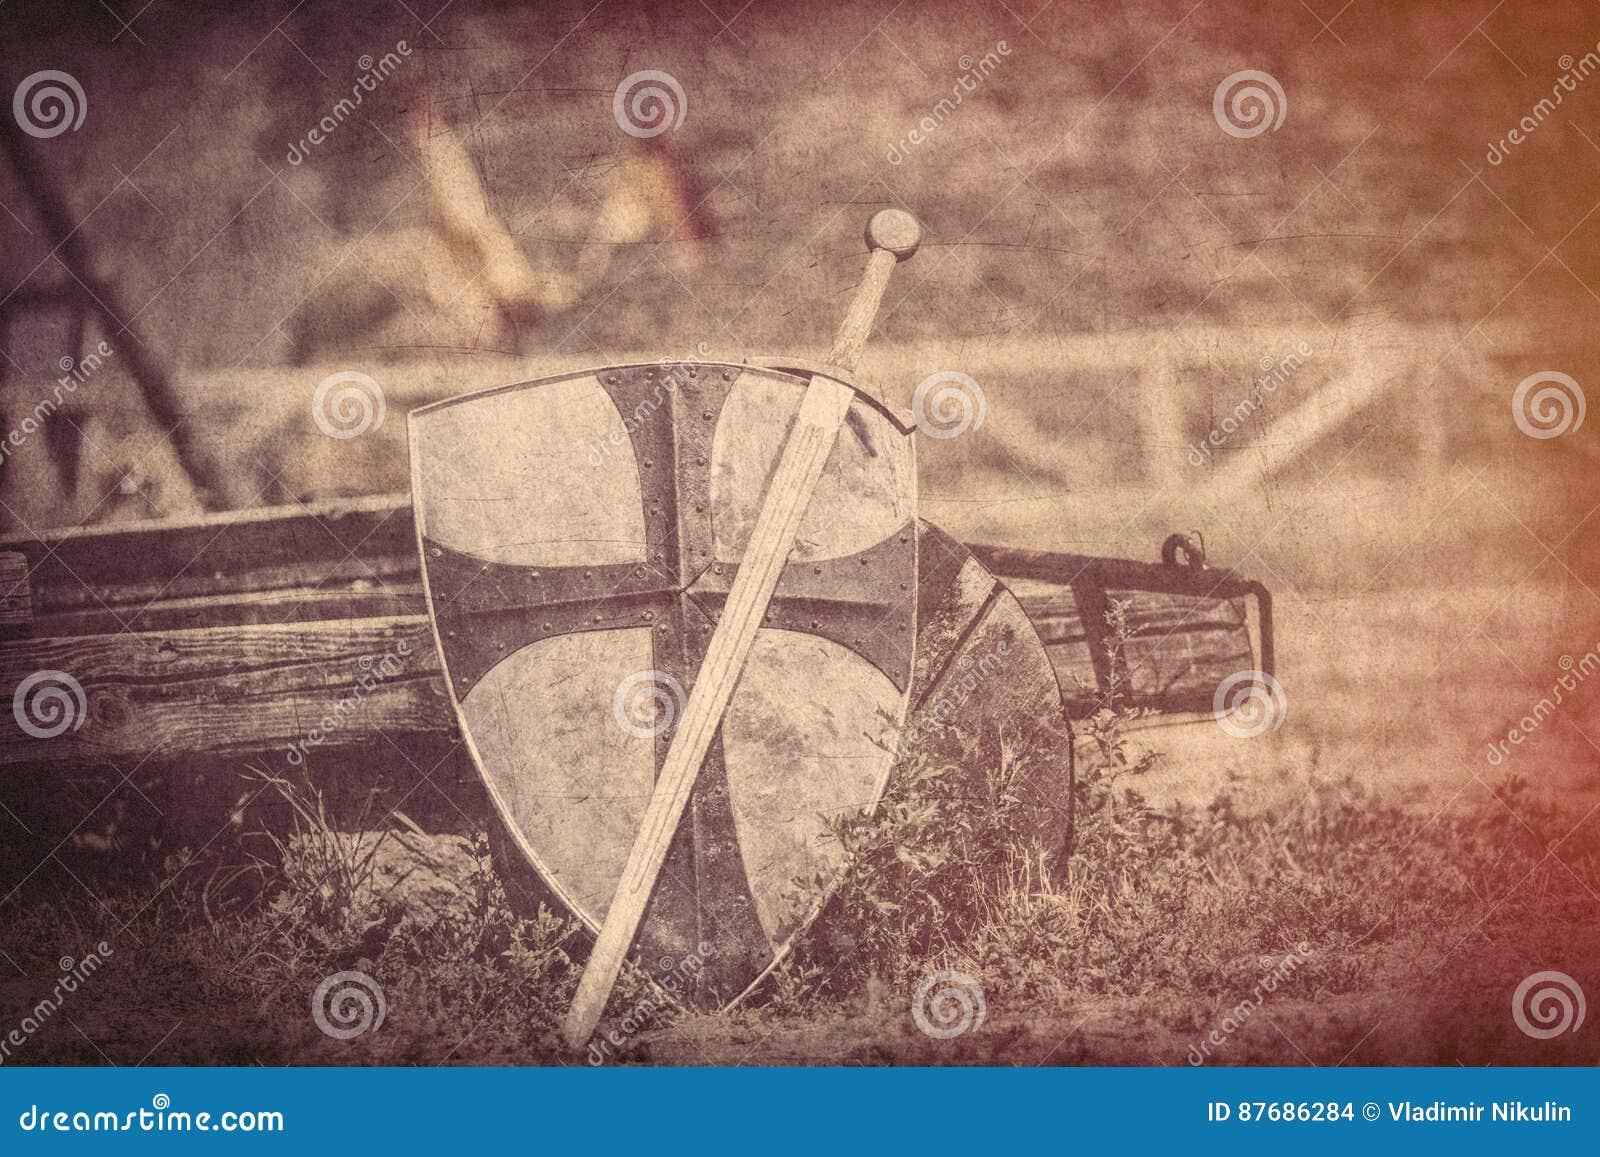 Refresque la espada metálica y el escudo pesado en los vagos del carro de las Edades Medias